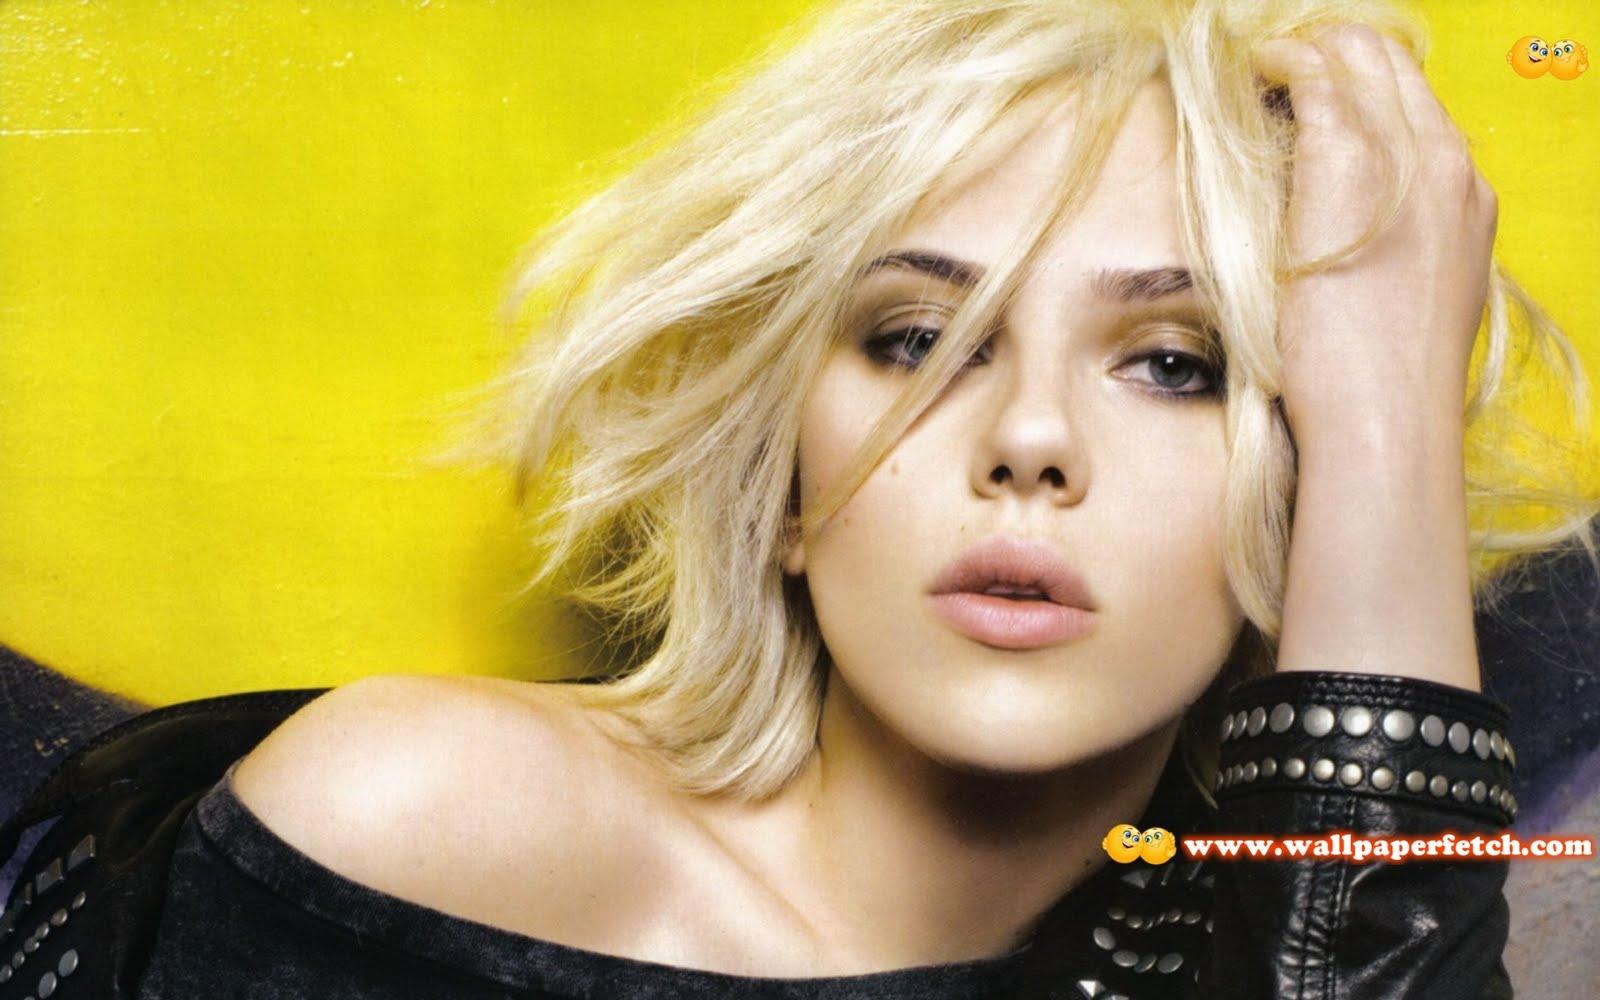 http://1.bp.blogspot.com/-rlzdqwujbTs/Twb1CIhEvUI/AAAAAAAAJu4/zrgd-v5EJzg/s1600/Scarlett-Johansson-Widescreen-Wallpaper-scarlett-johansson-9587971-1920-1200.jpg